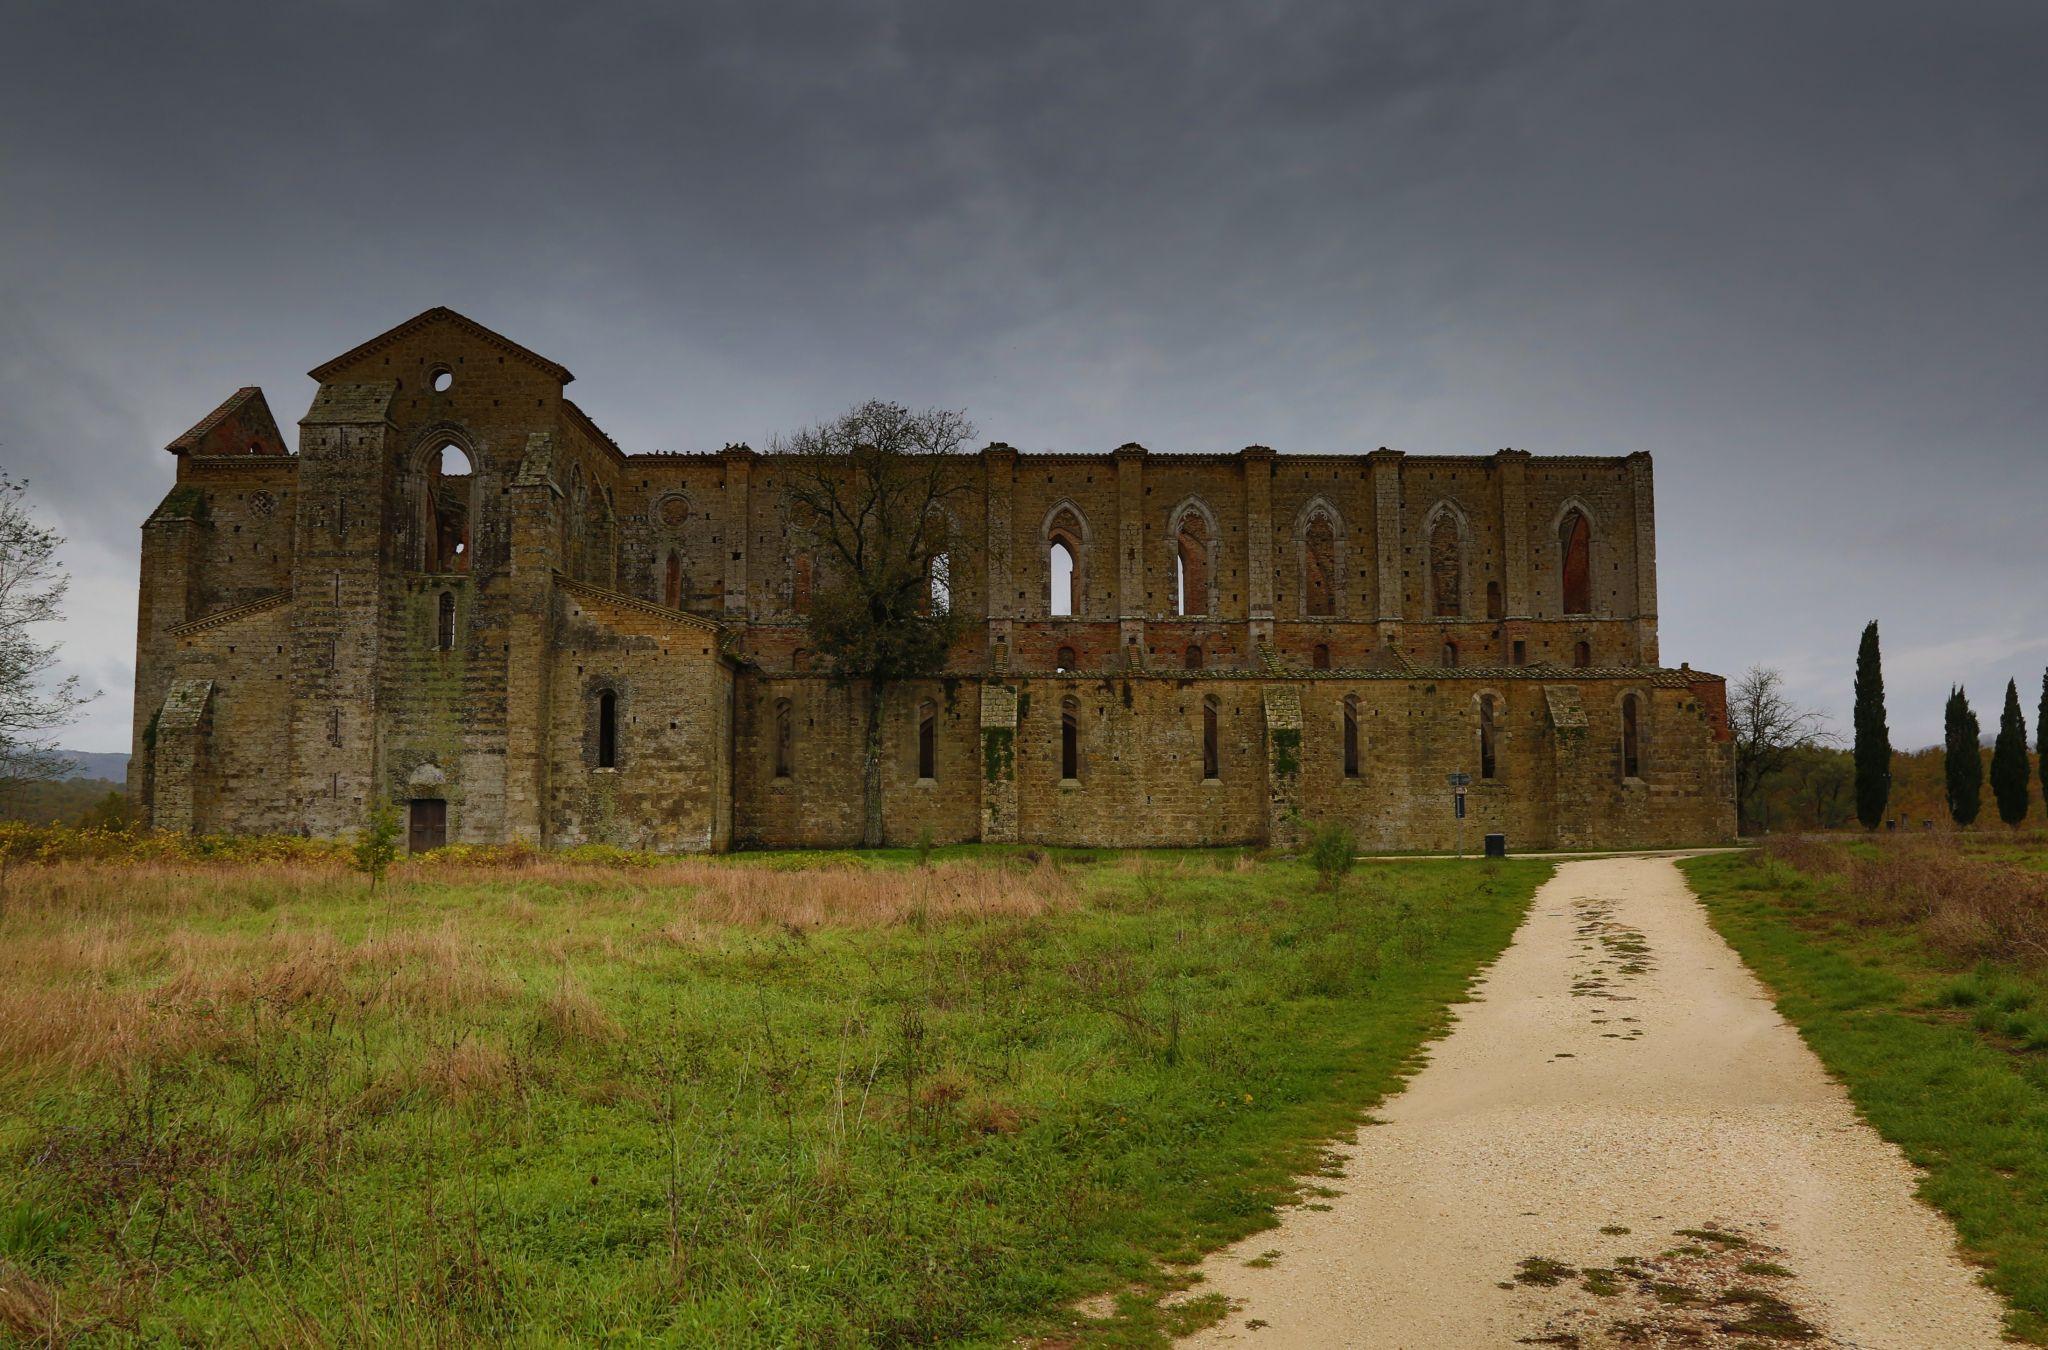 Abbazia San Galgano - Tuscany, Italy